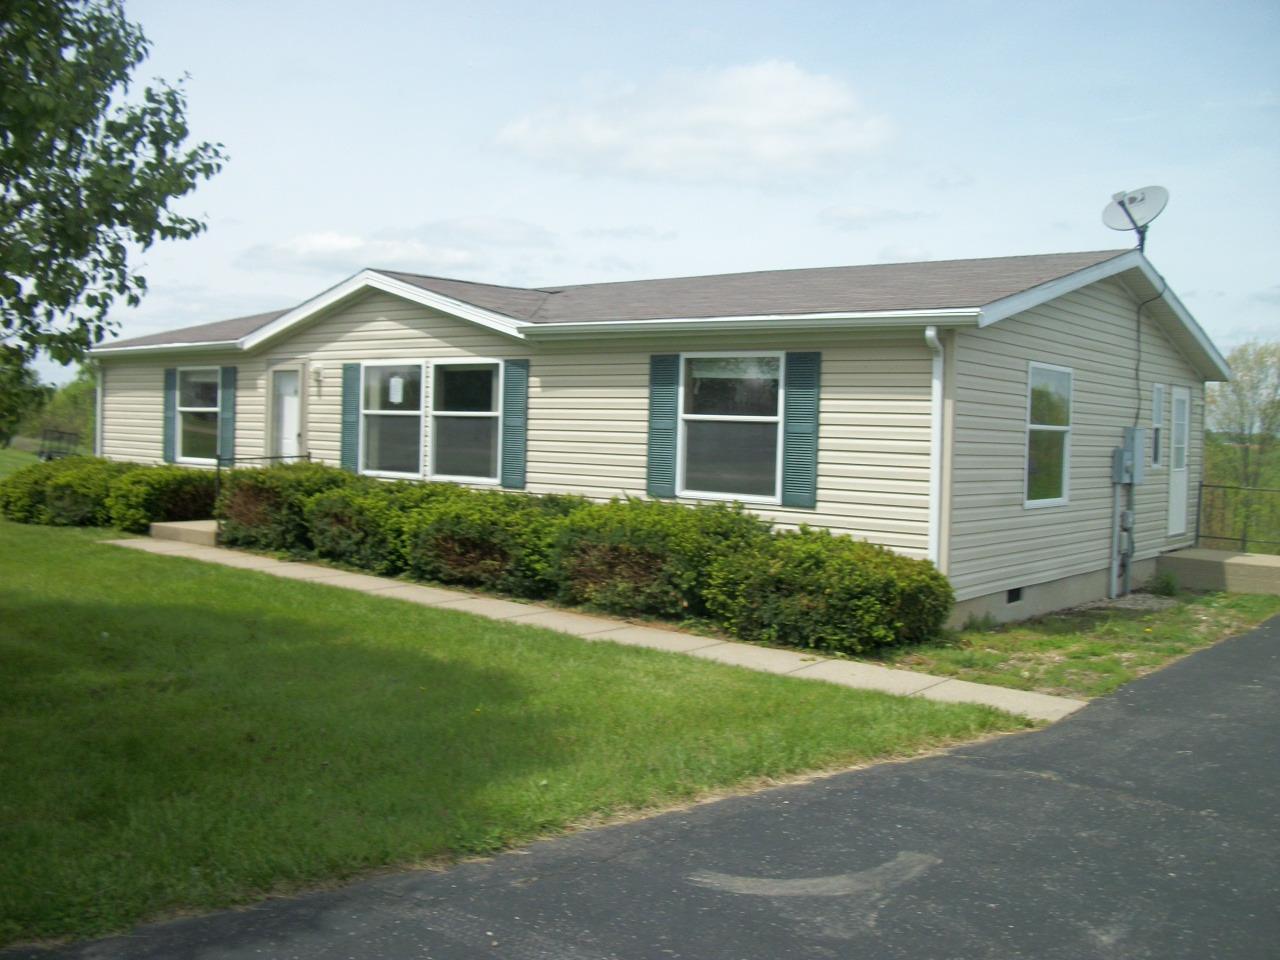 15710 Belmont Dr, Crittenden, KY 41030